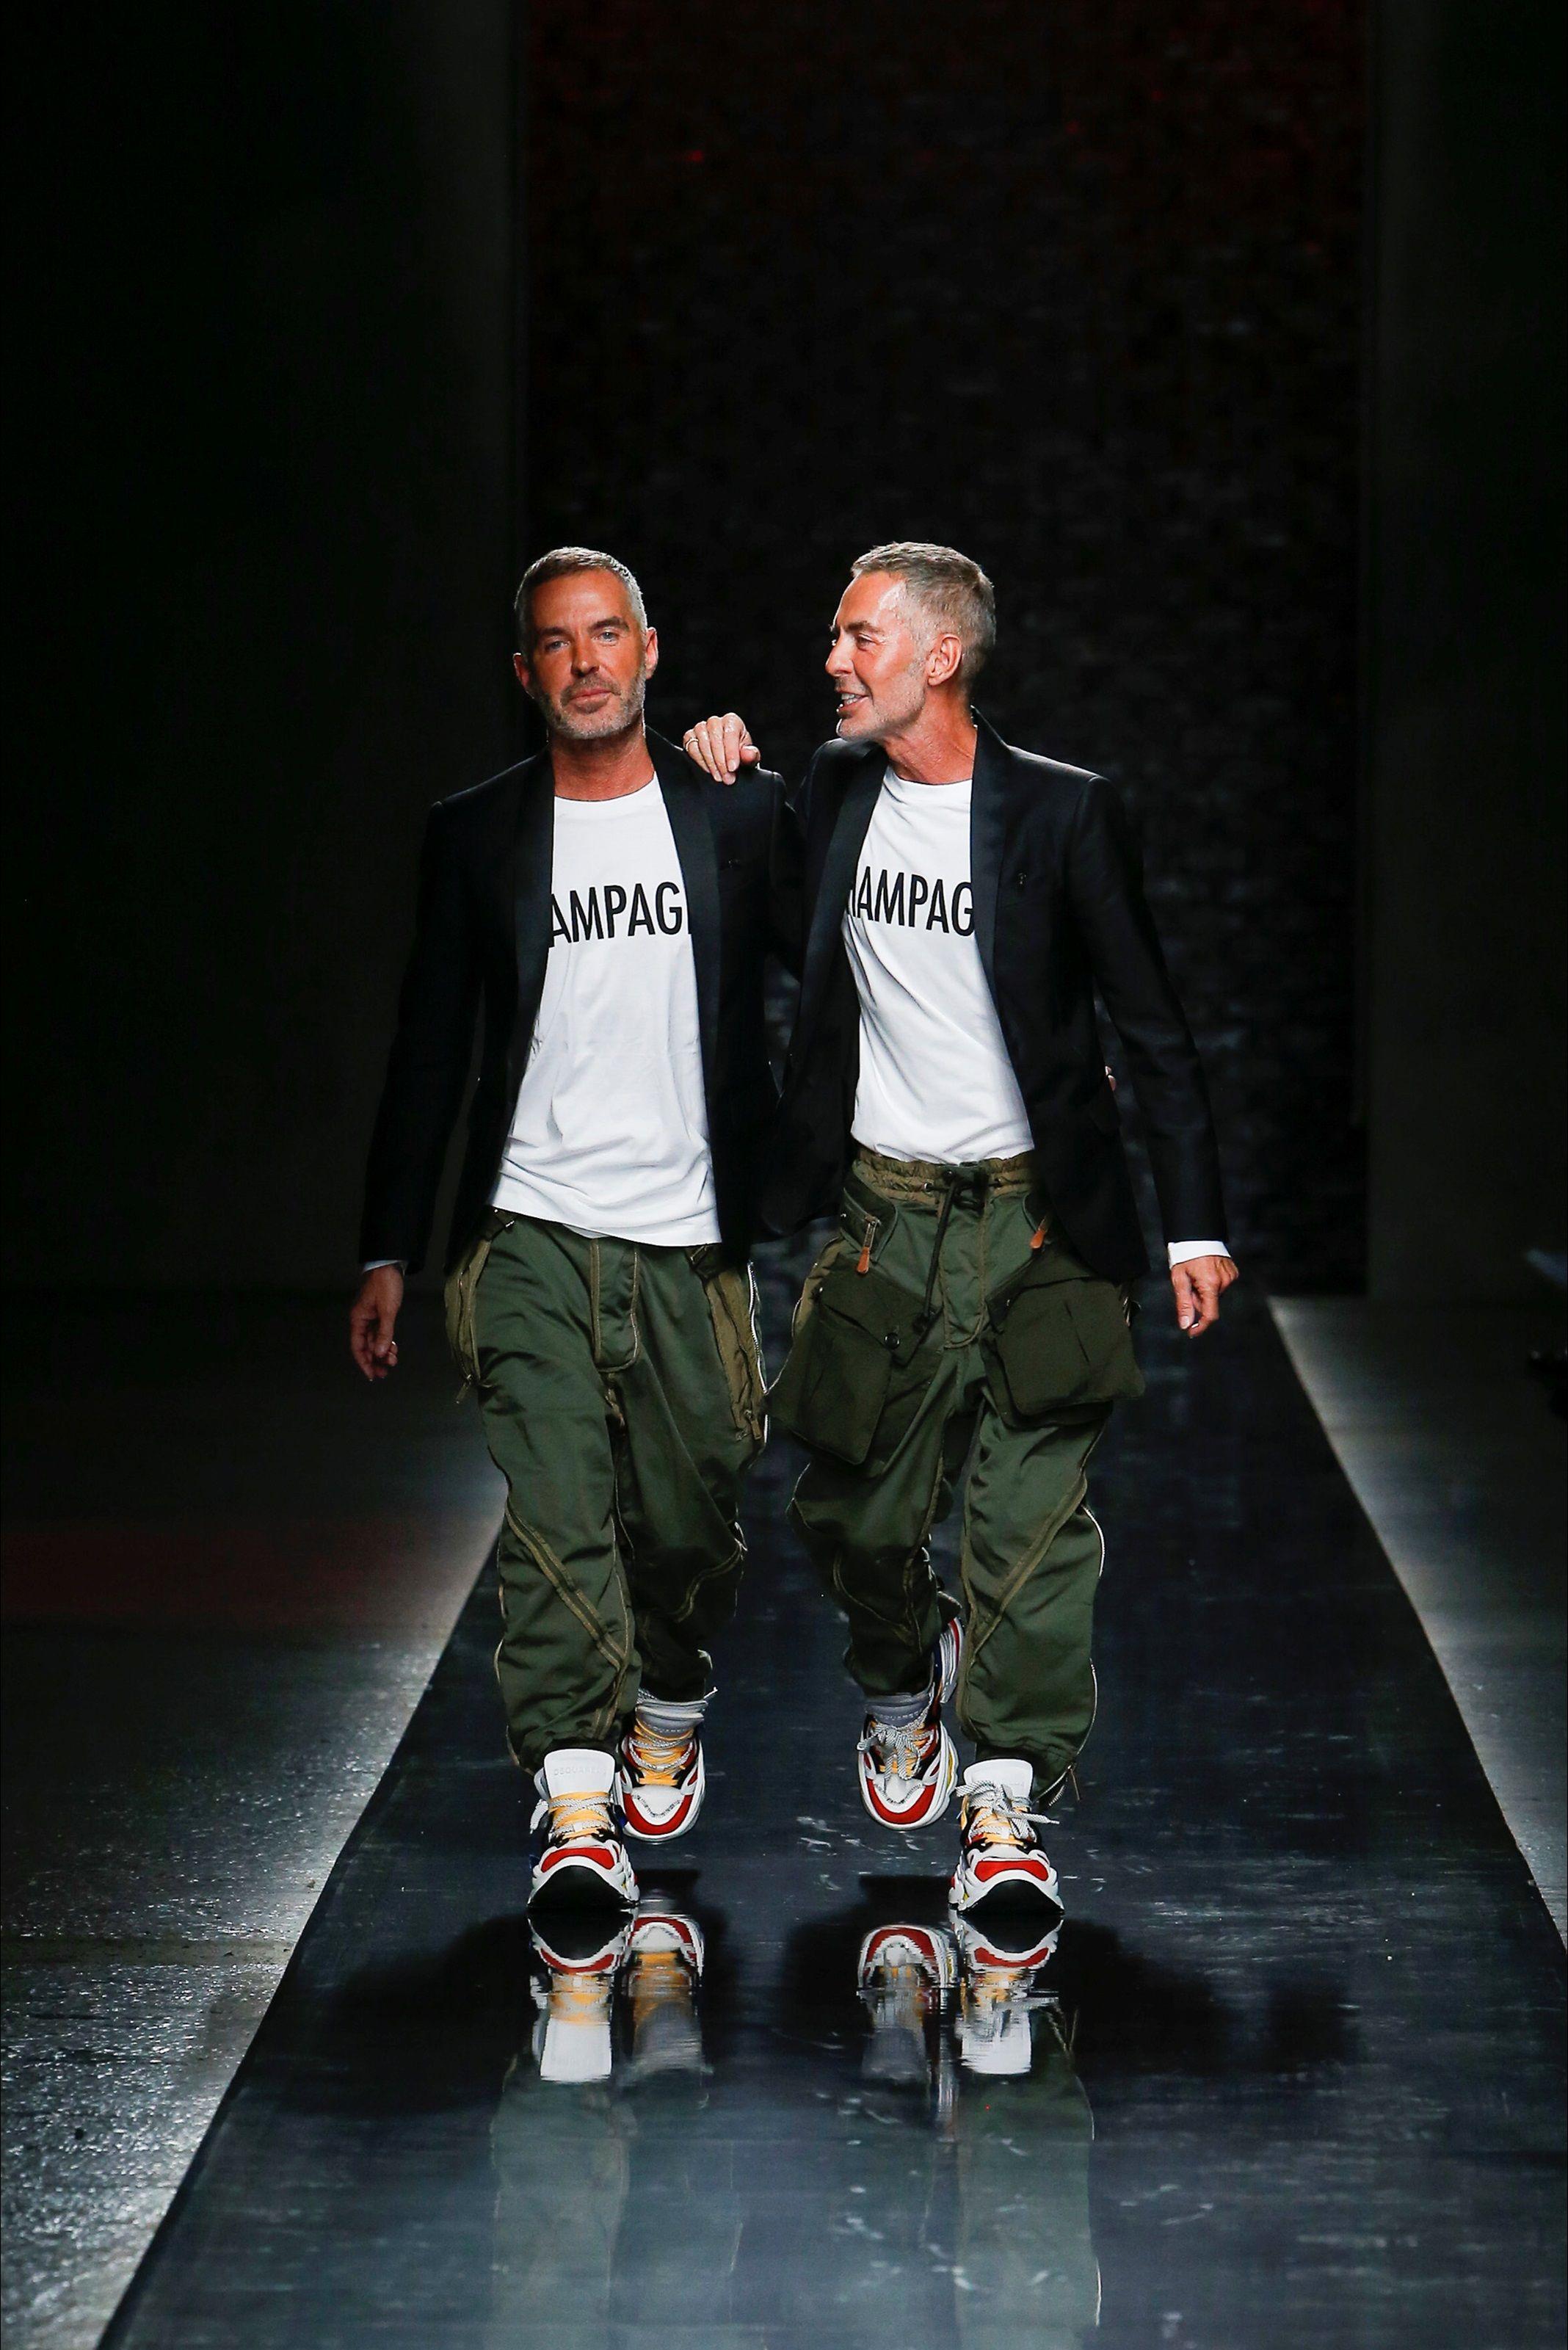 58141a5da1770 Sfilata Moda Uomo DSquared2 Milano - Primavera Estate 2019 - Vogue ...